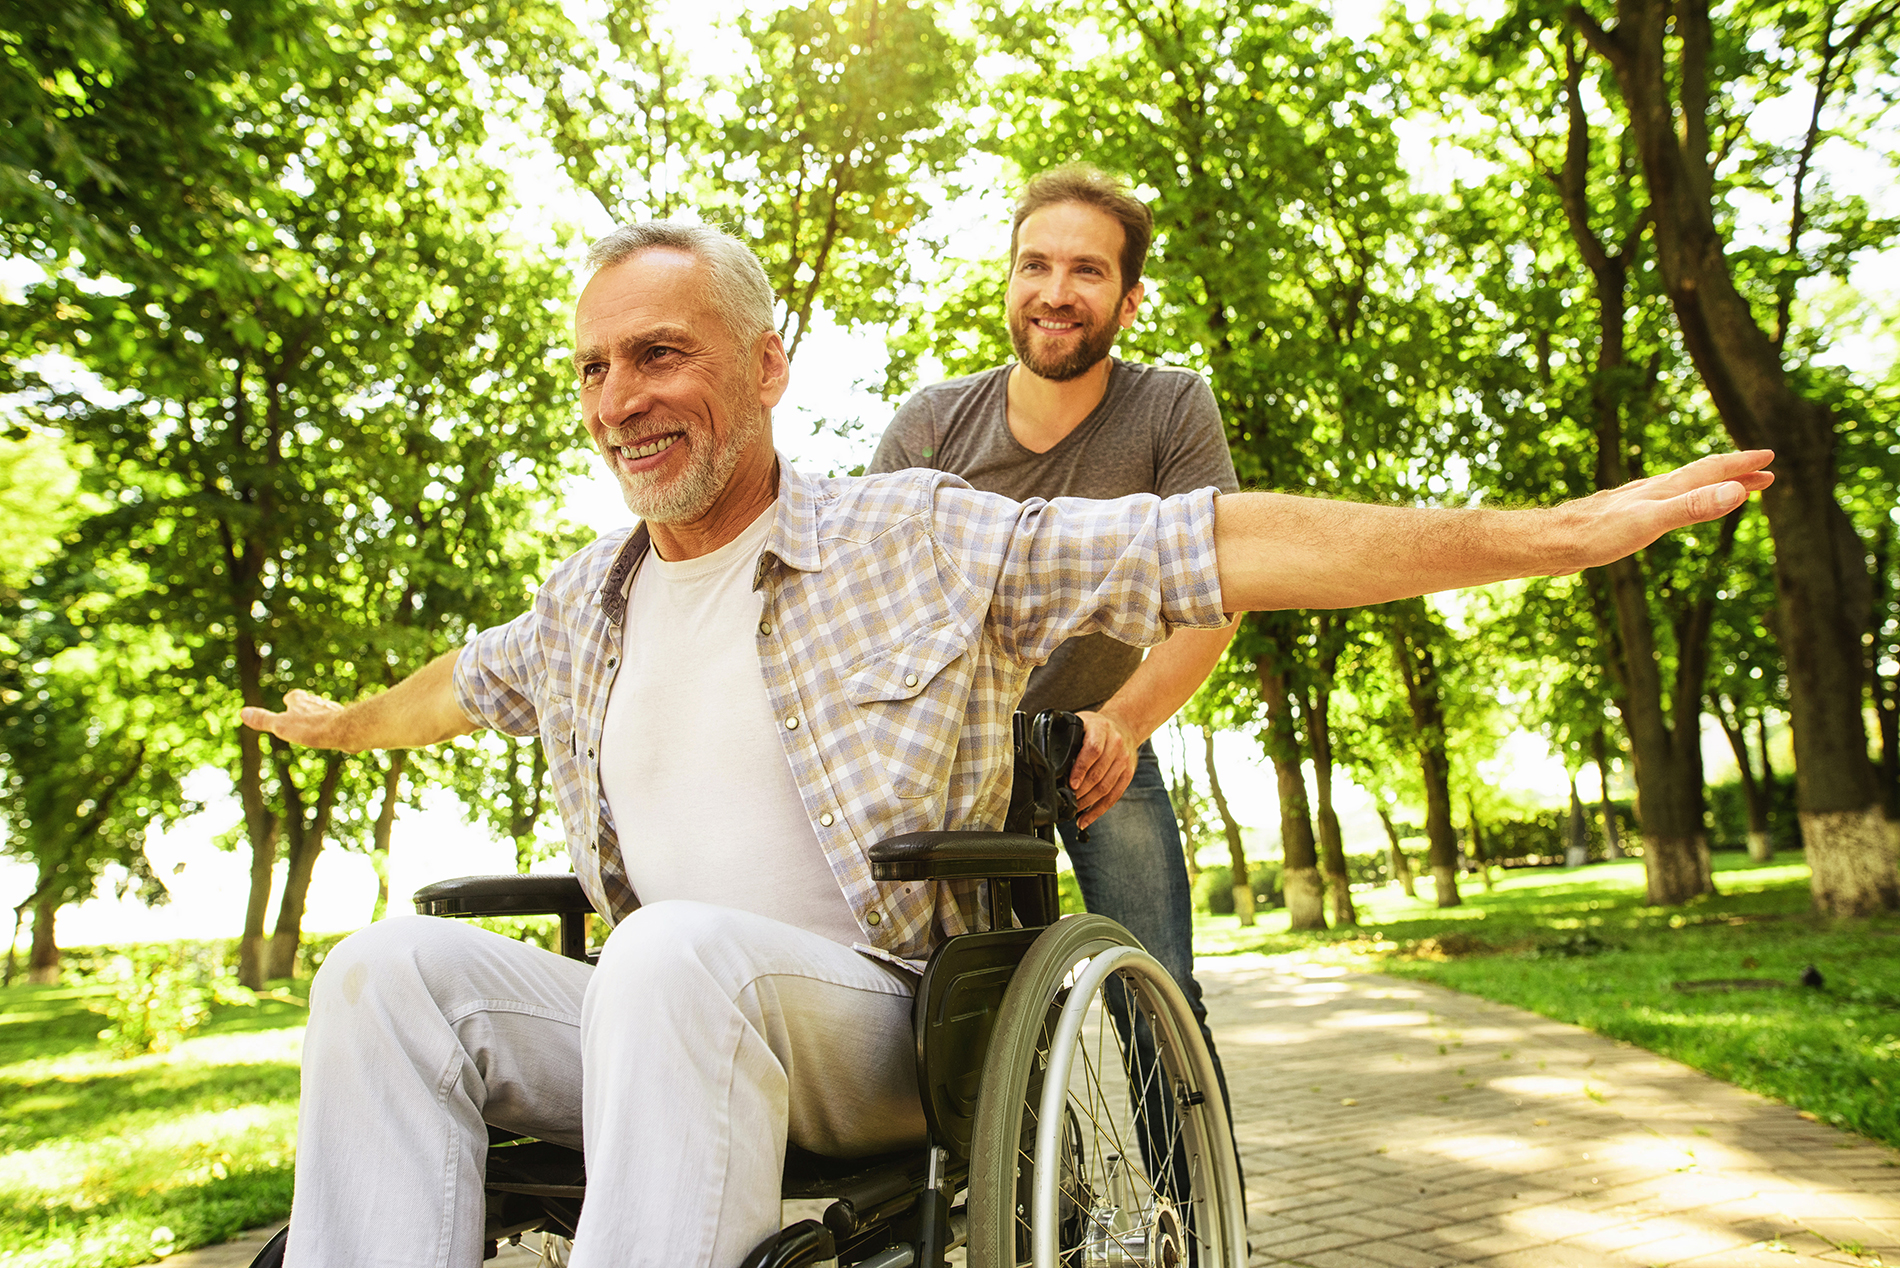 Anziano in carrozzella nel parco